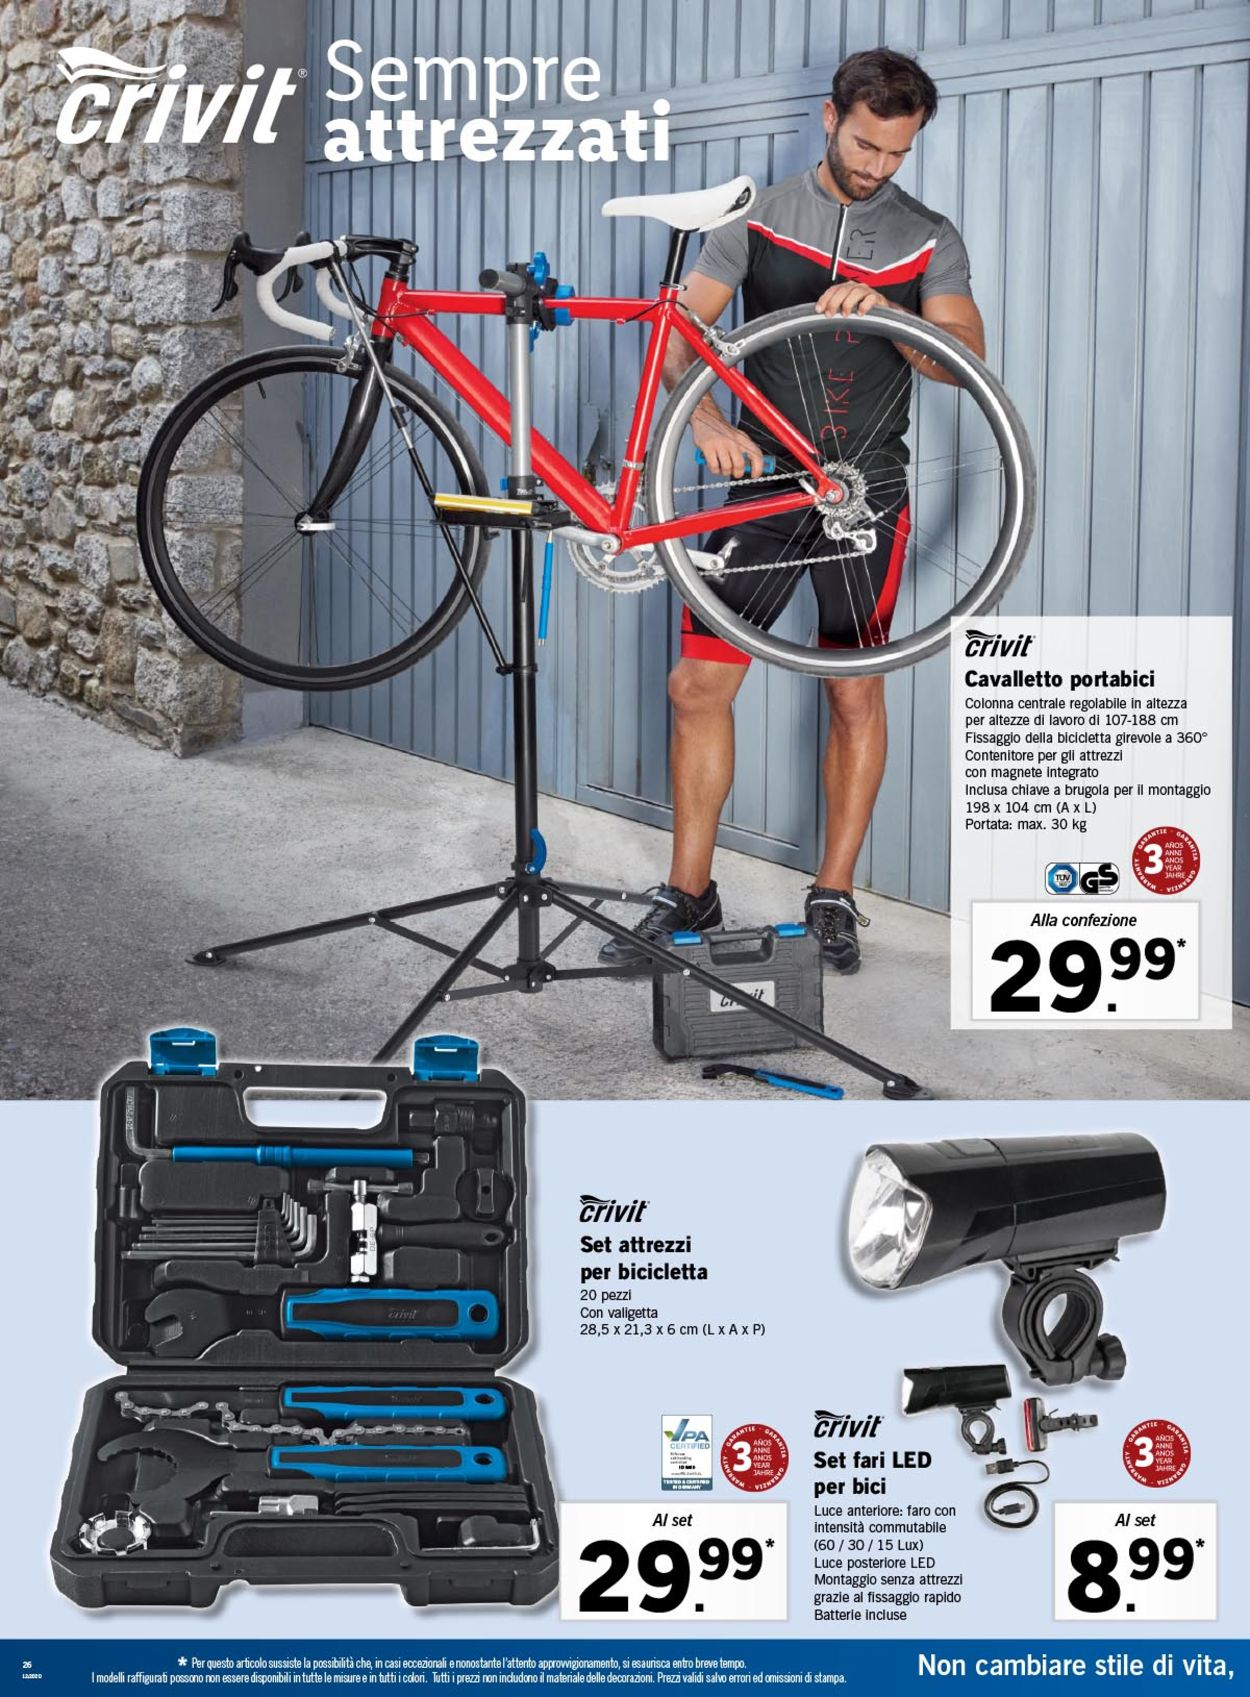 Supporto Per La Riparazione Della Bicicletta Lidl